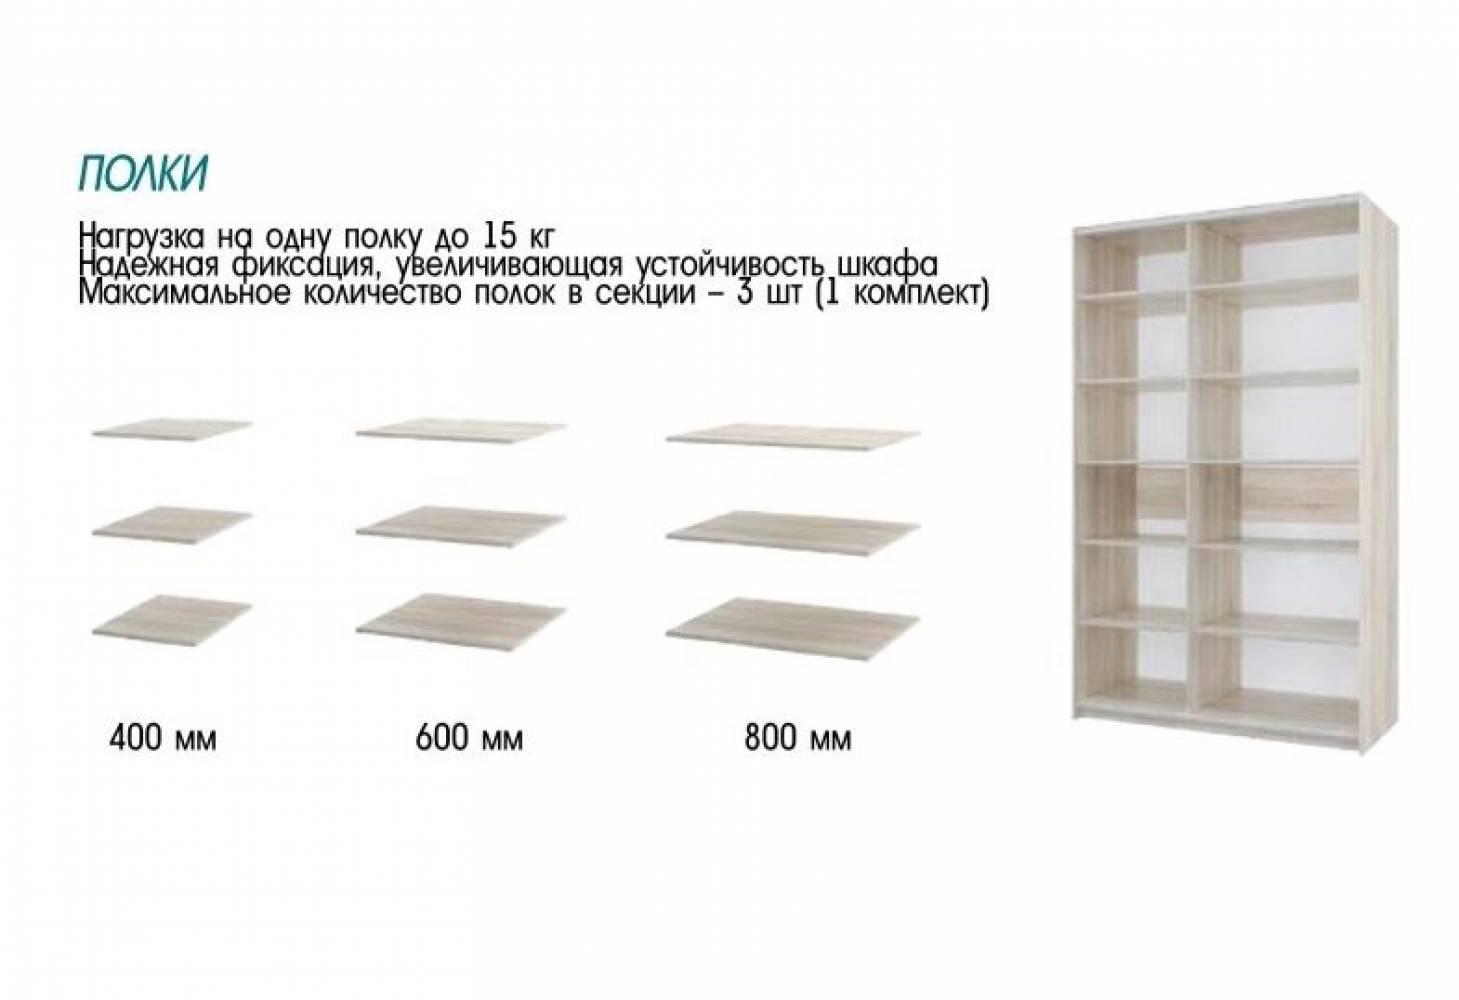 Шкаф Фортуна-3 (1600) 400/400/400/400